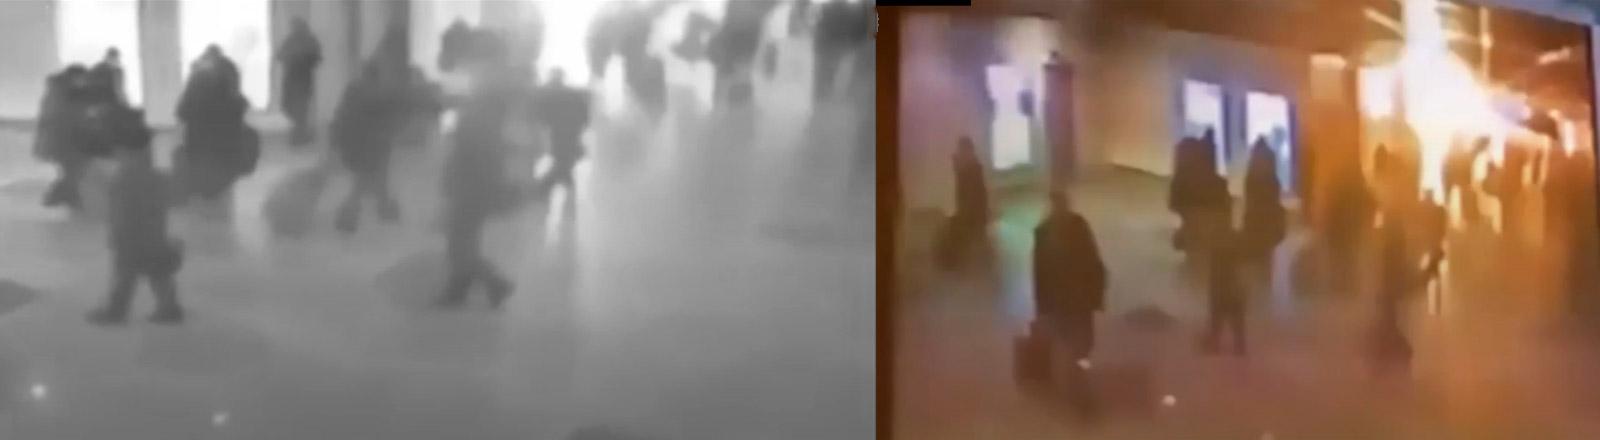 Bilder von Überwachungskameras in Flughäfen